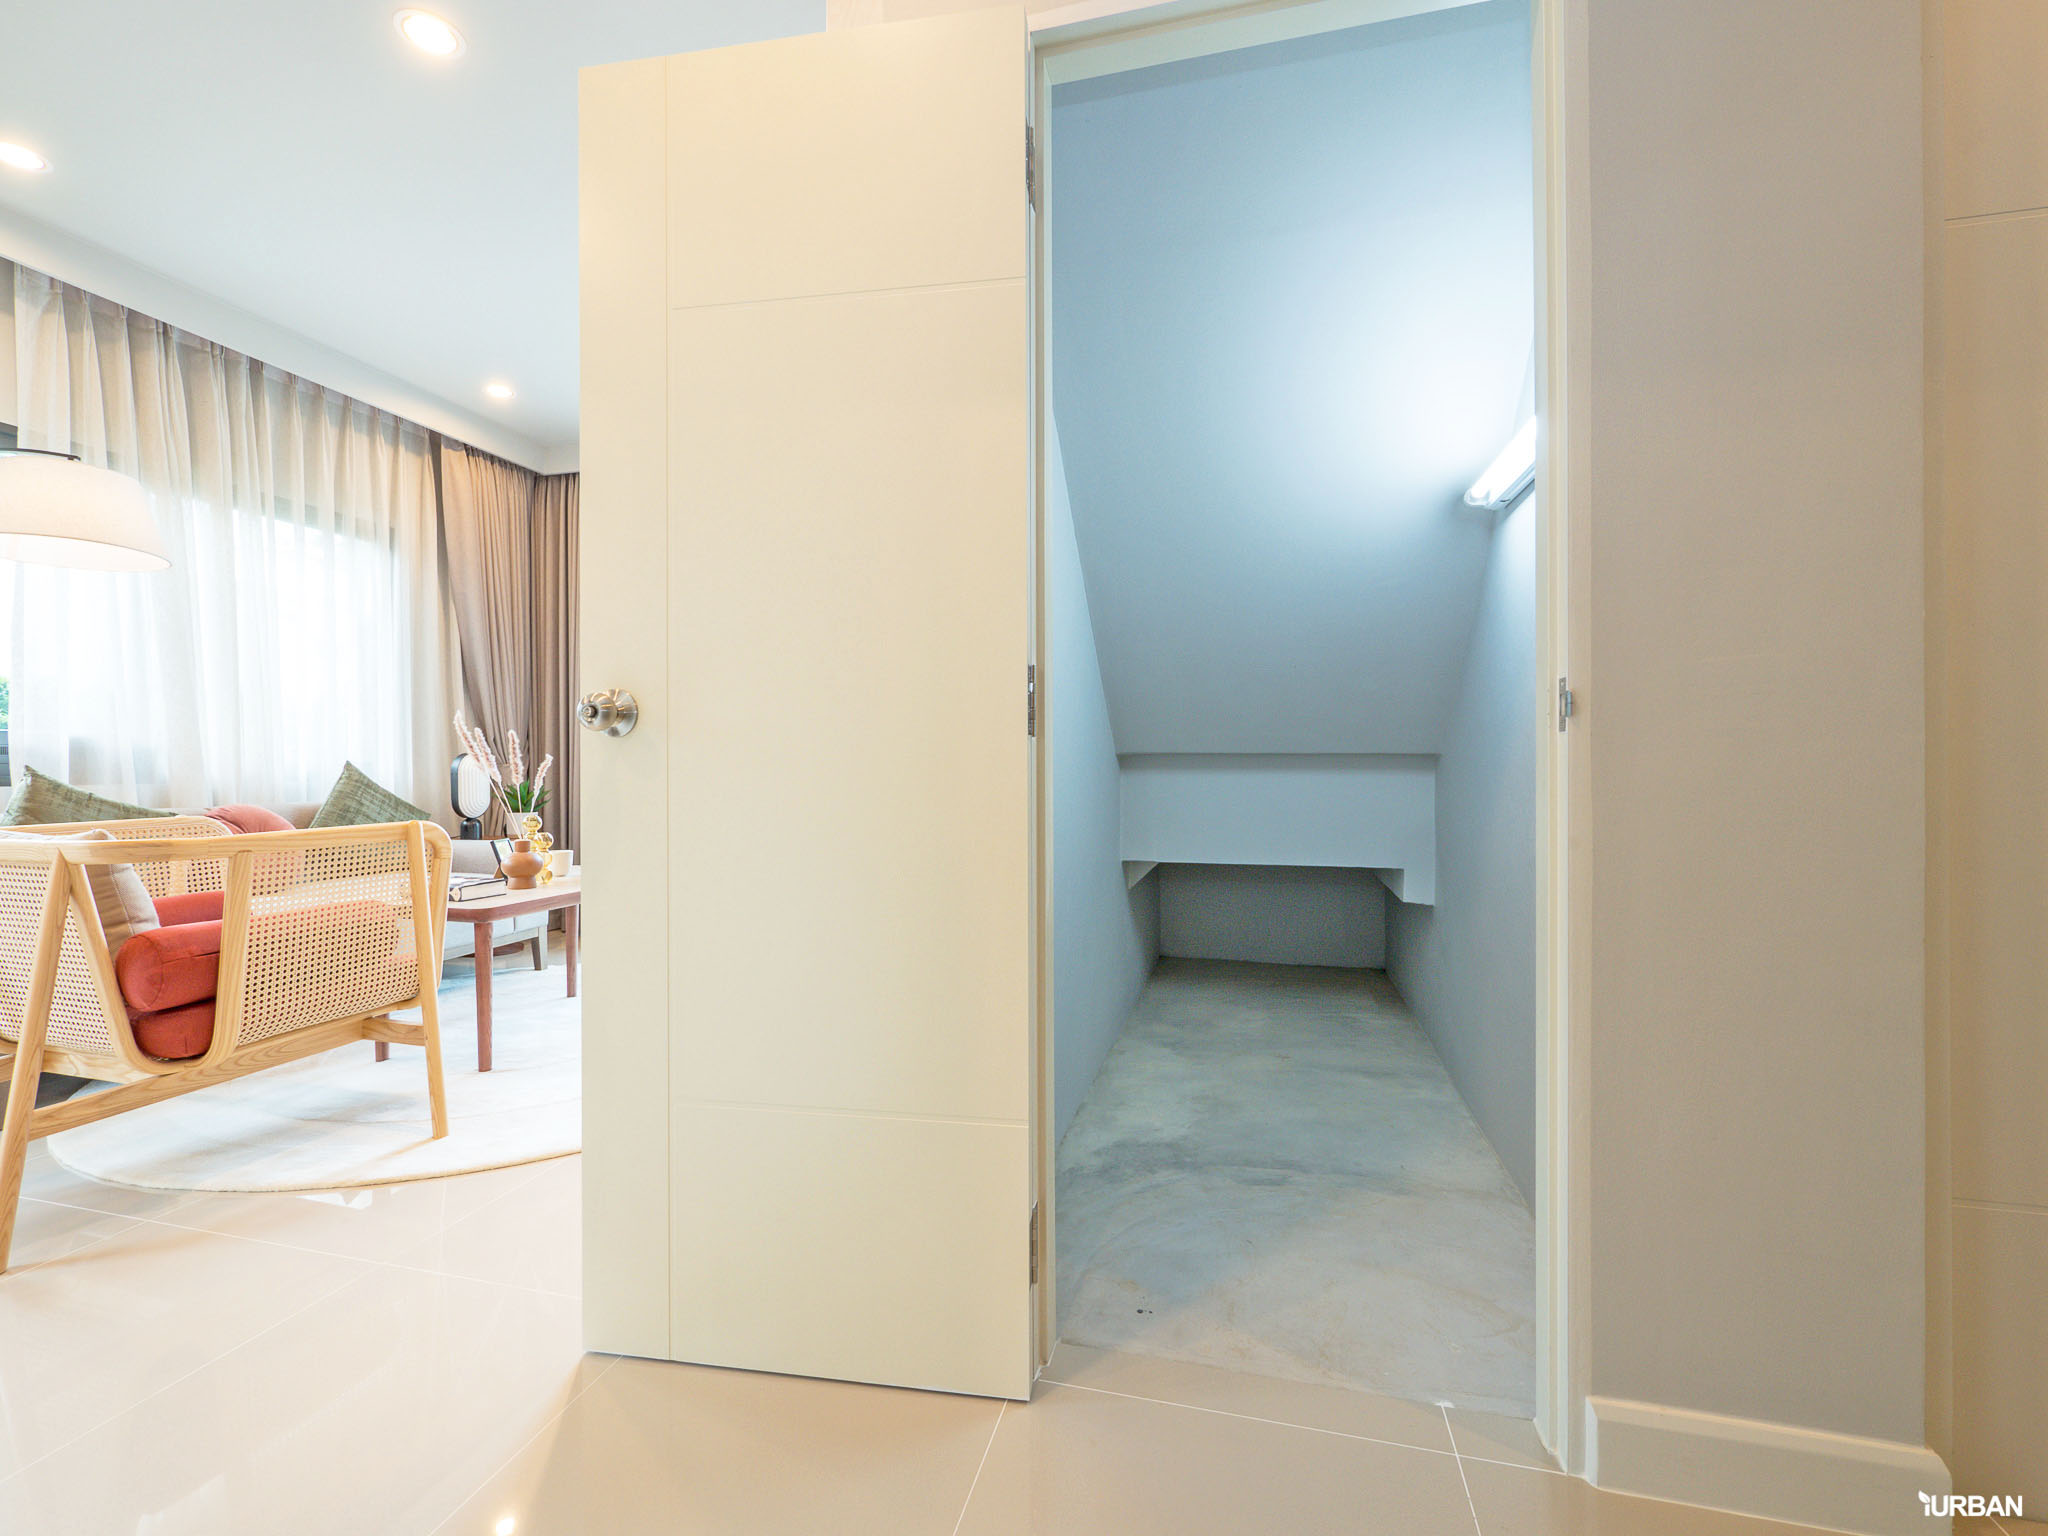 รีวิว อณาสิริ ชัยพฤกษ์-วงแหวน เมื่อแสนสิริออกแบบบ้านใหม่ Feel Just Right ใช้งานได้ลงตัว 44 - Anasiri